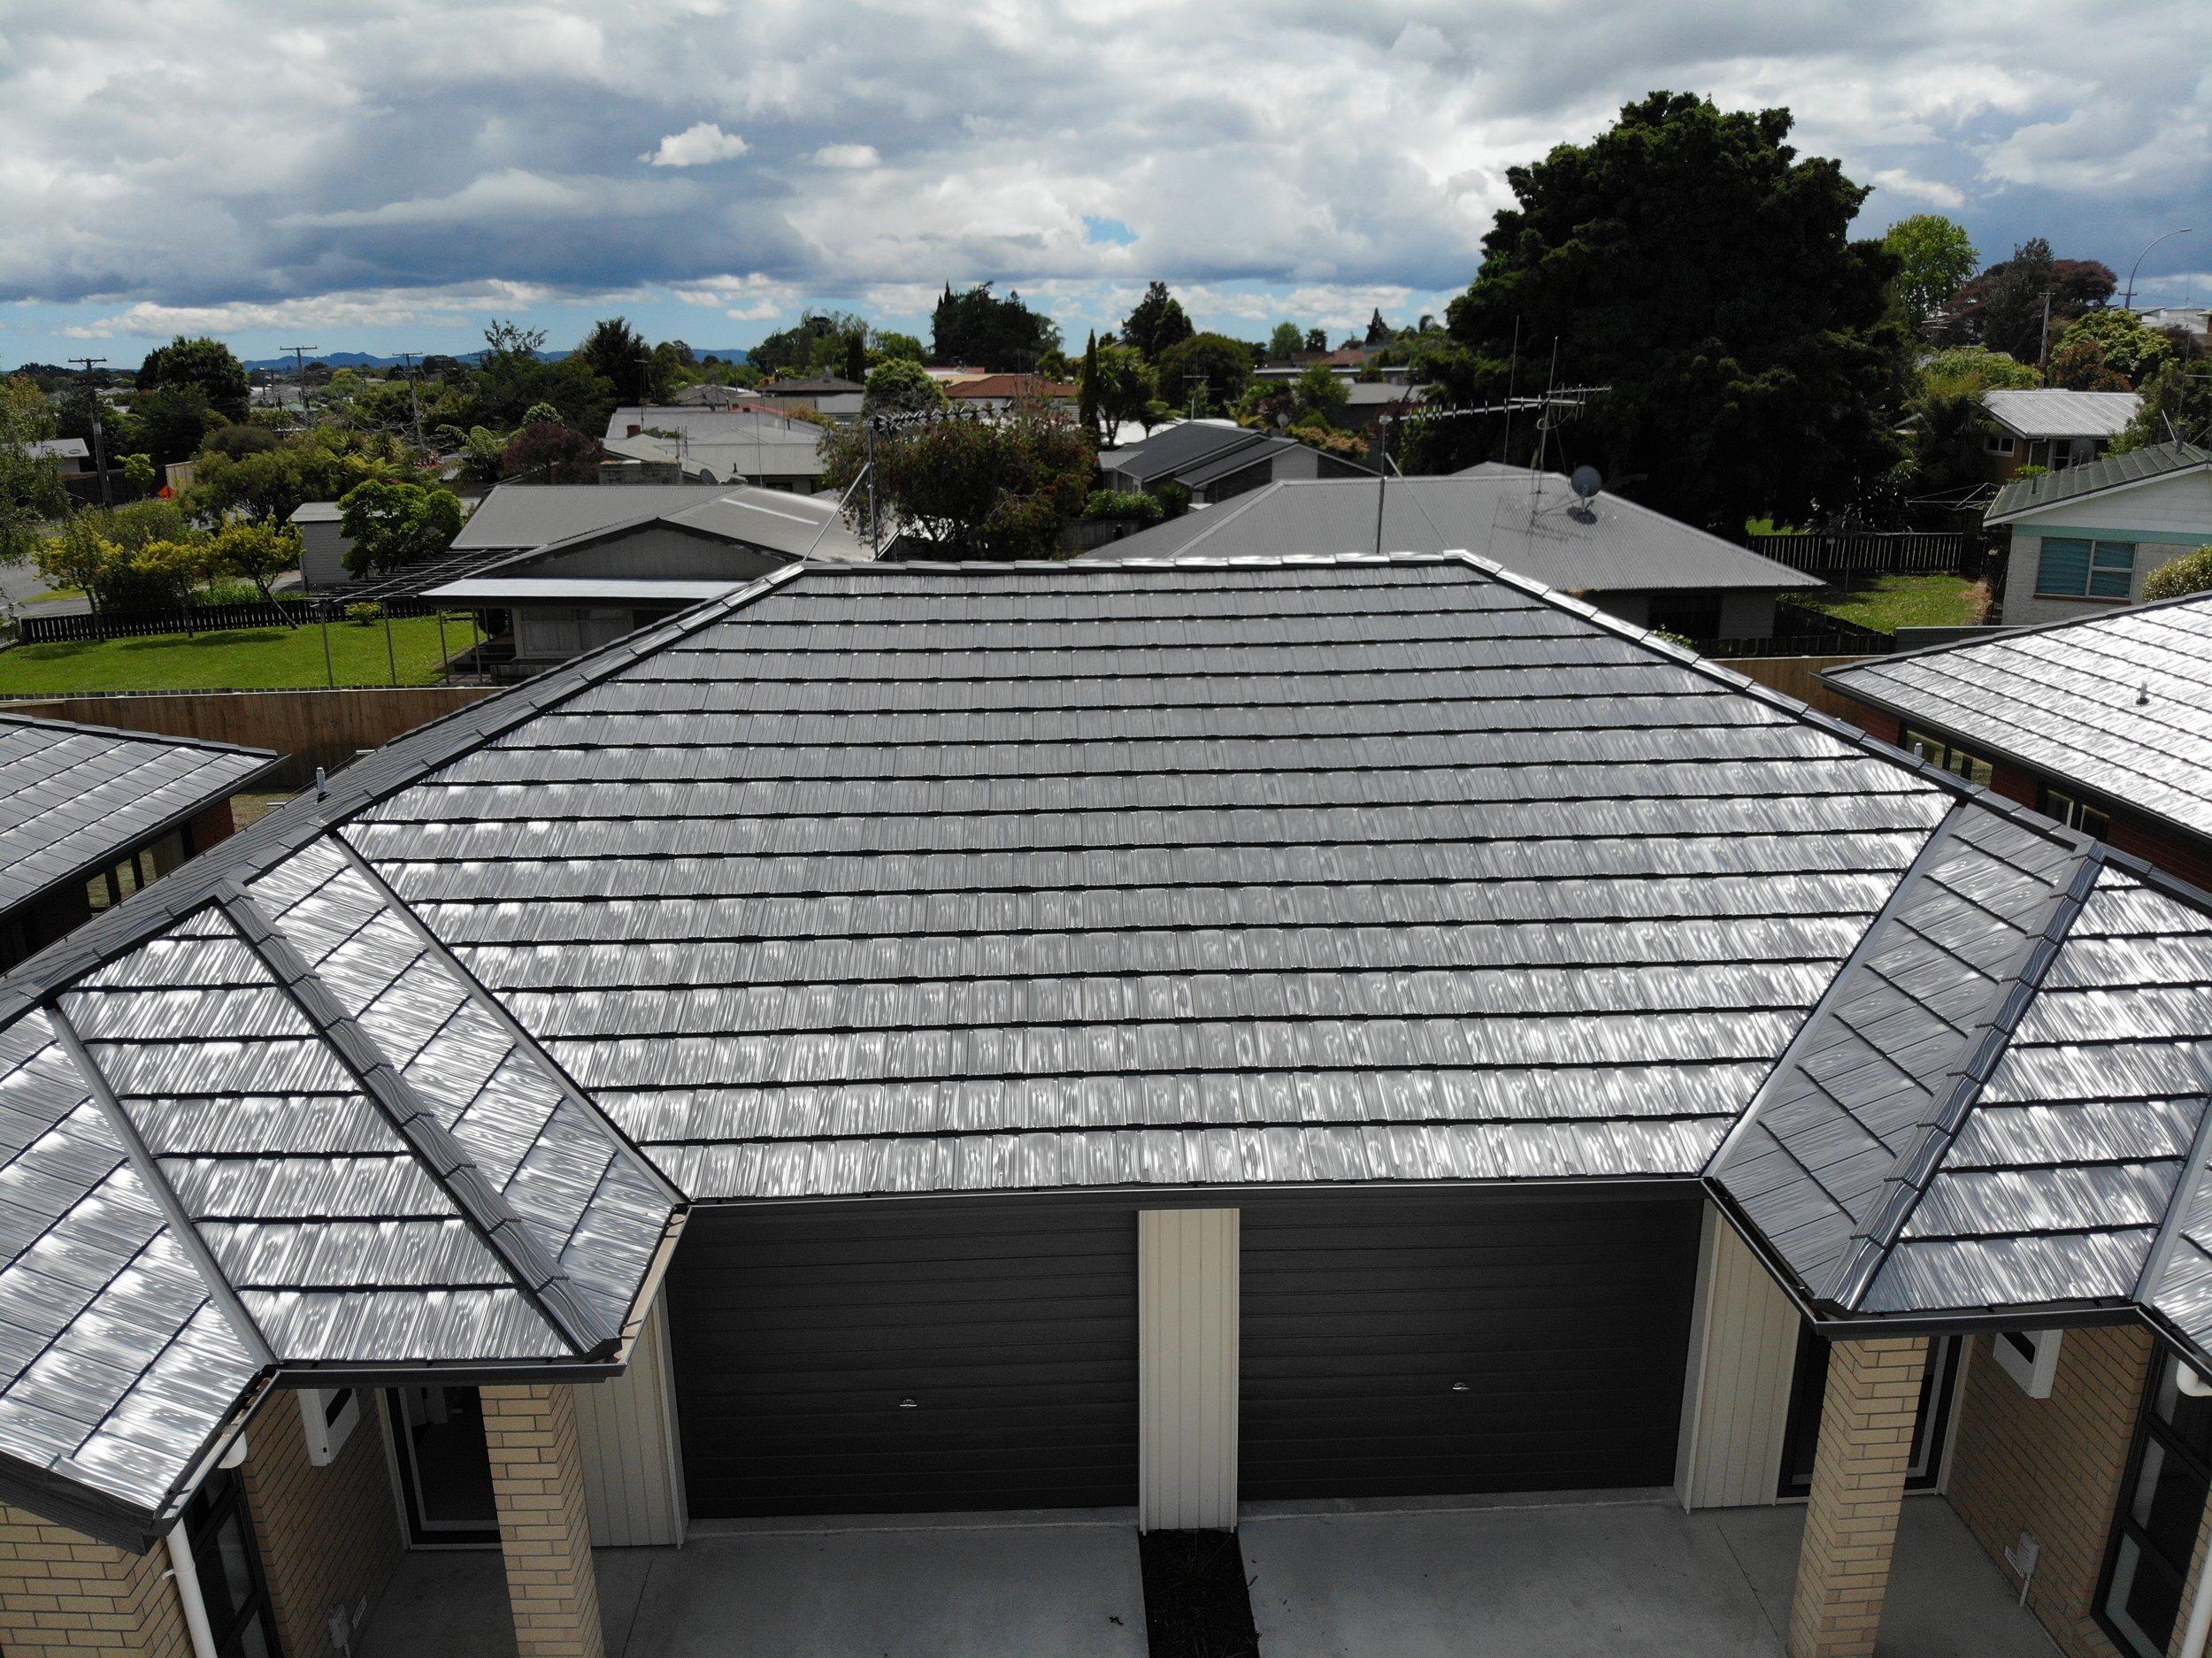 The-Roofing-Store-Steel-Metal-Apex-tile-Woodshake-Grey-Friars-5.jpg.jpg